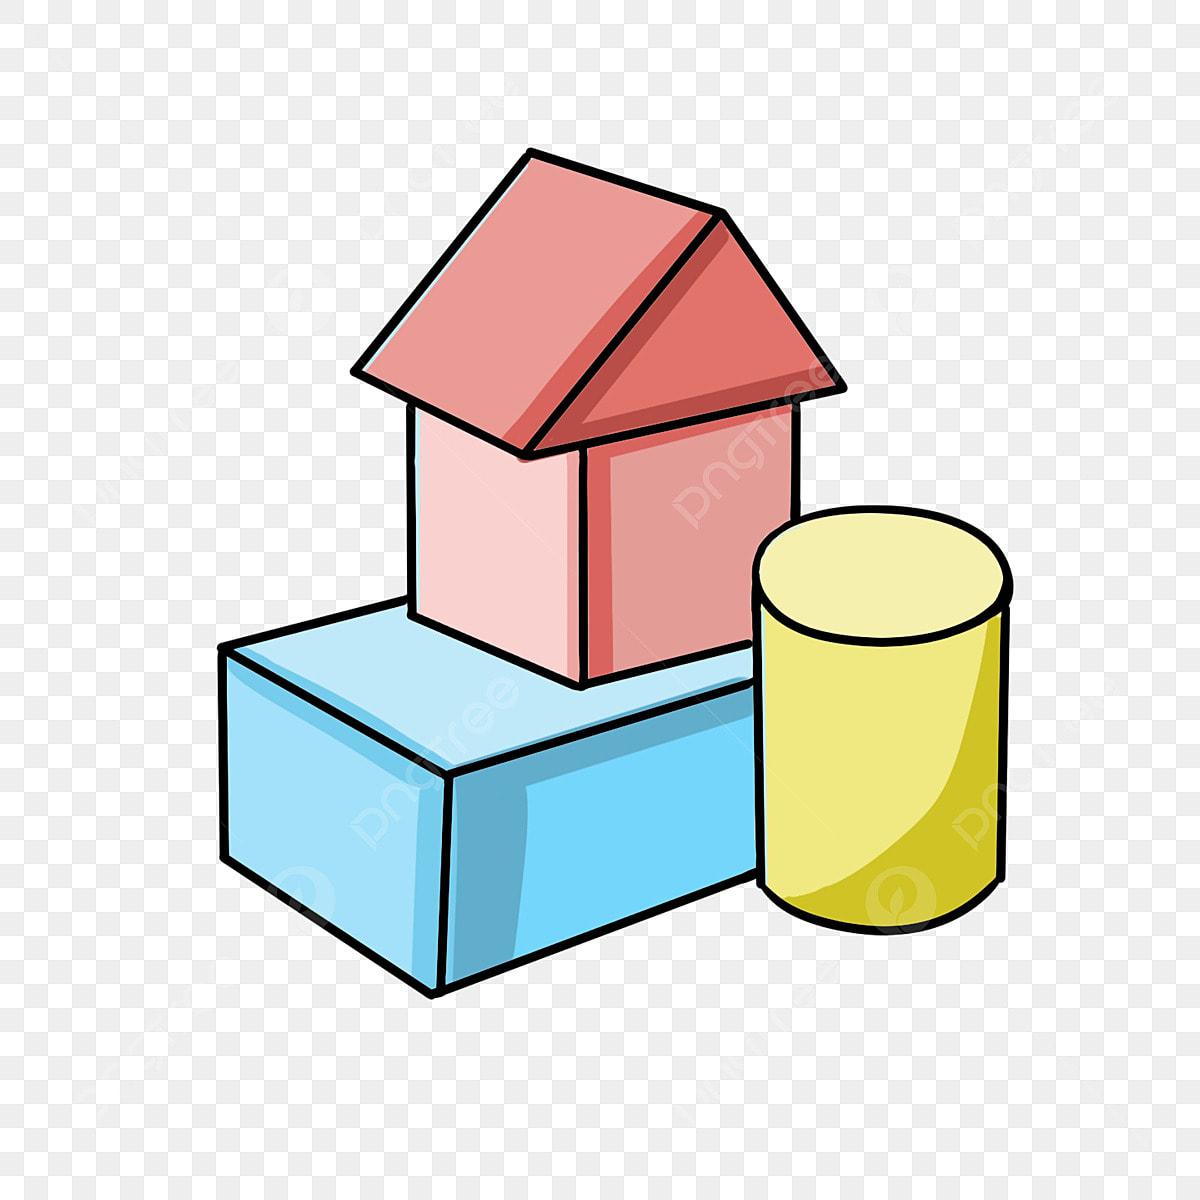 Niños Construcción Pequeña Dibujos Juguetes De Animados Bloque Para fvY6ybg7